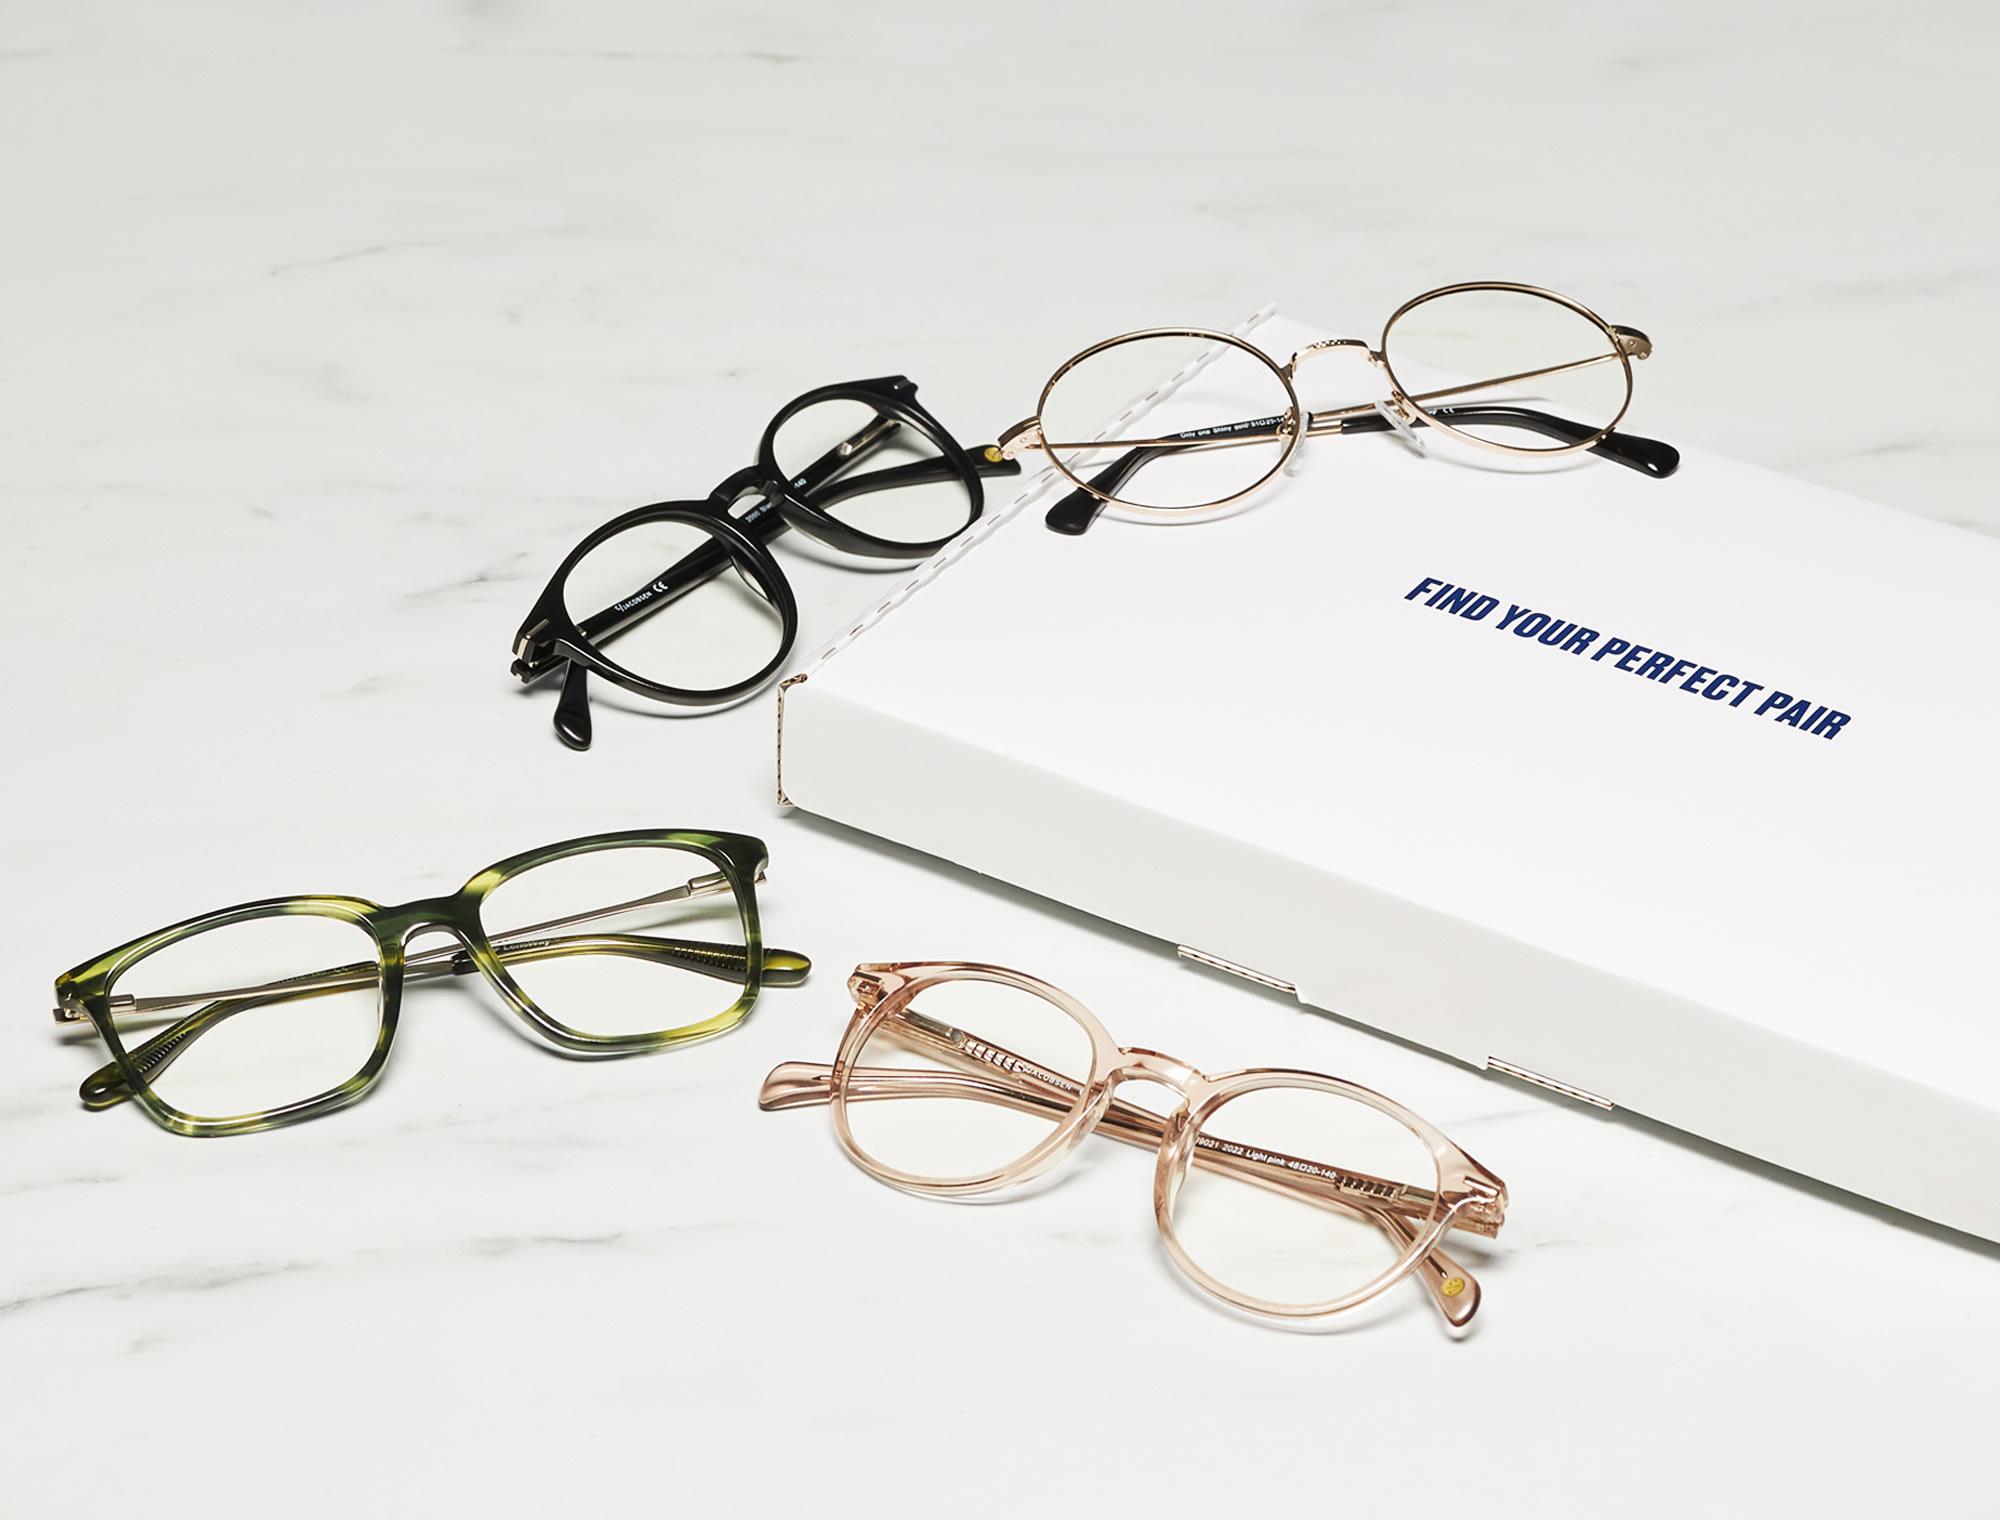 Prova glasögon gratis innan du köper